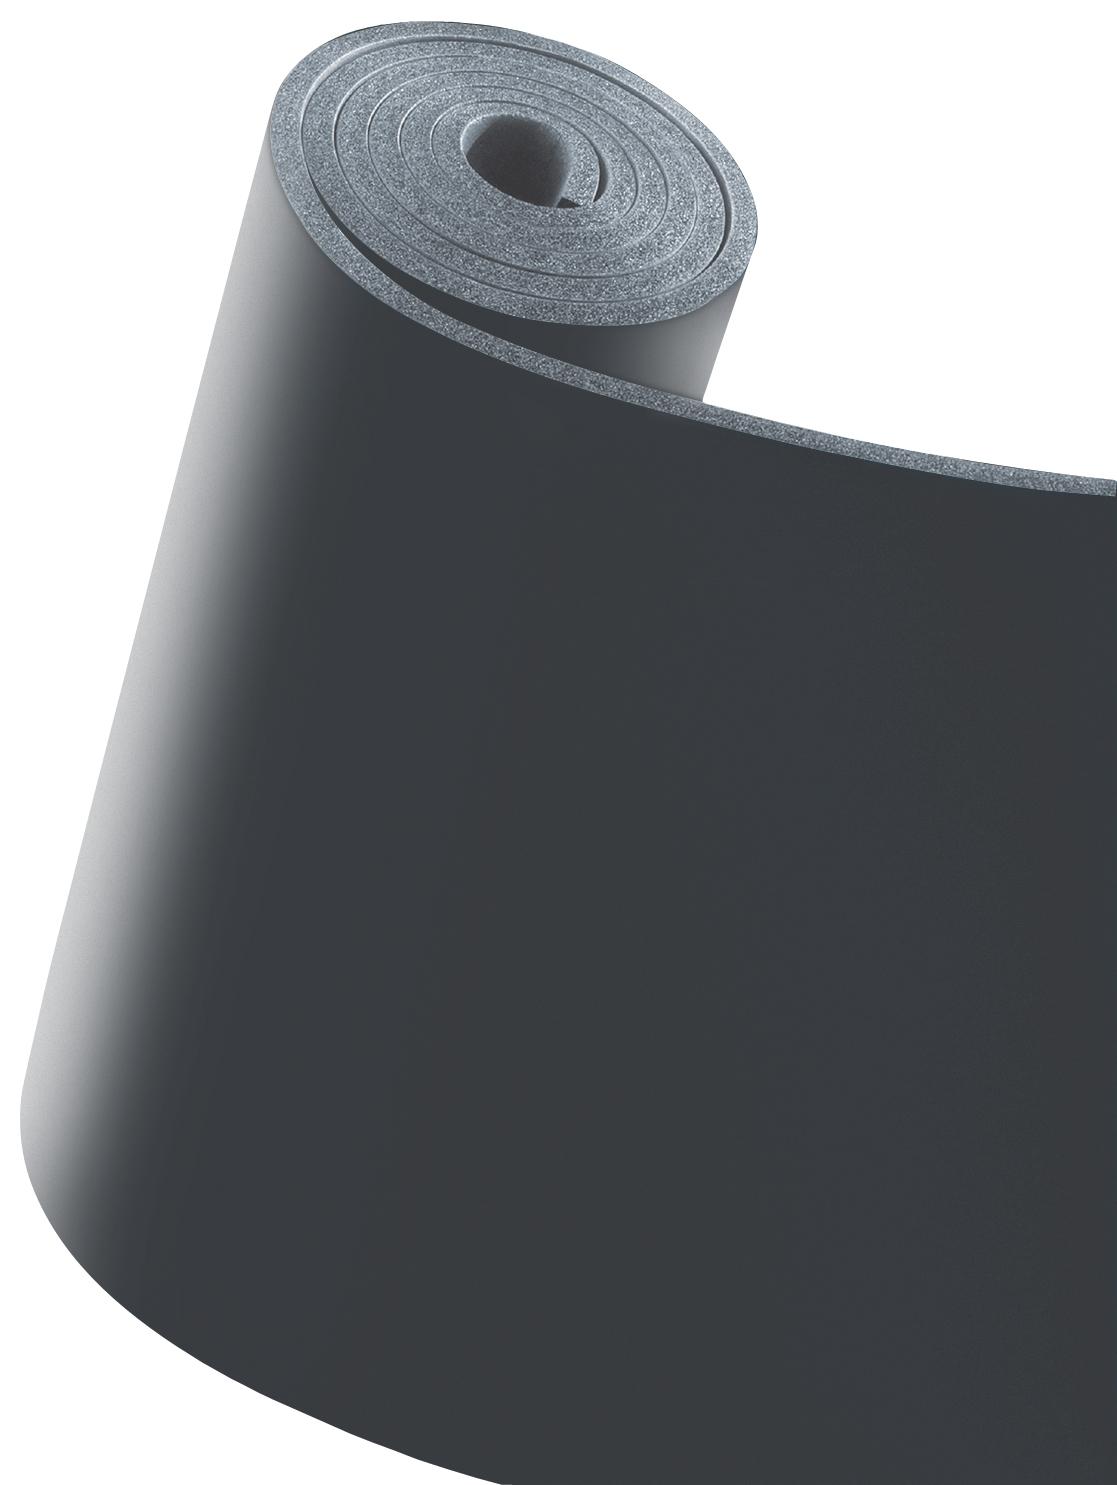 Рулон K-Flex ST толщина 50мм